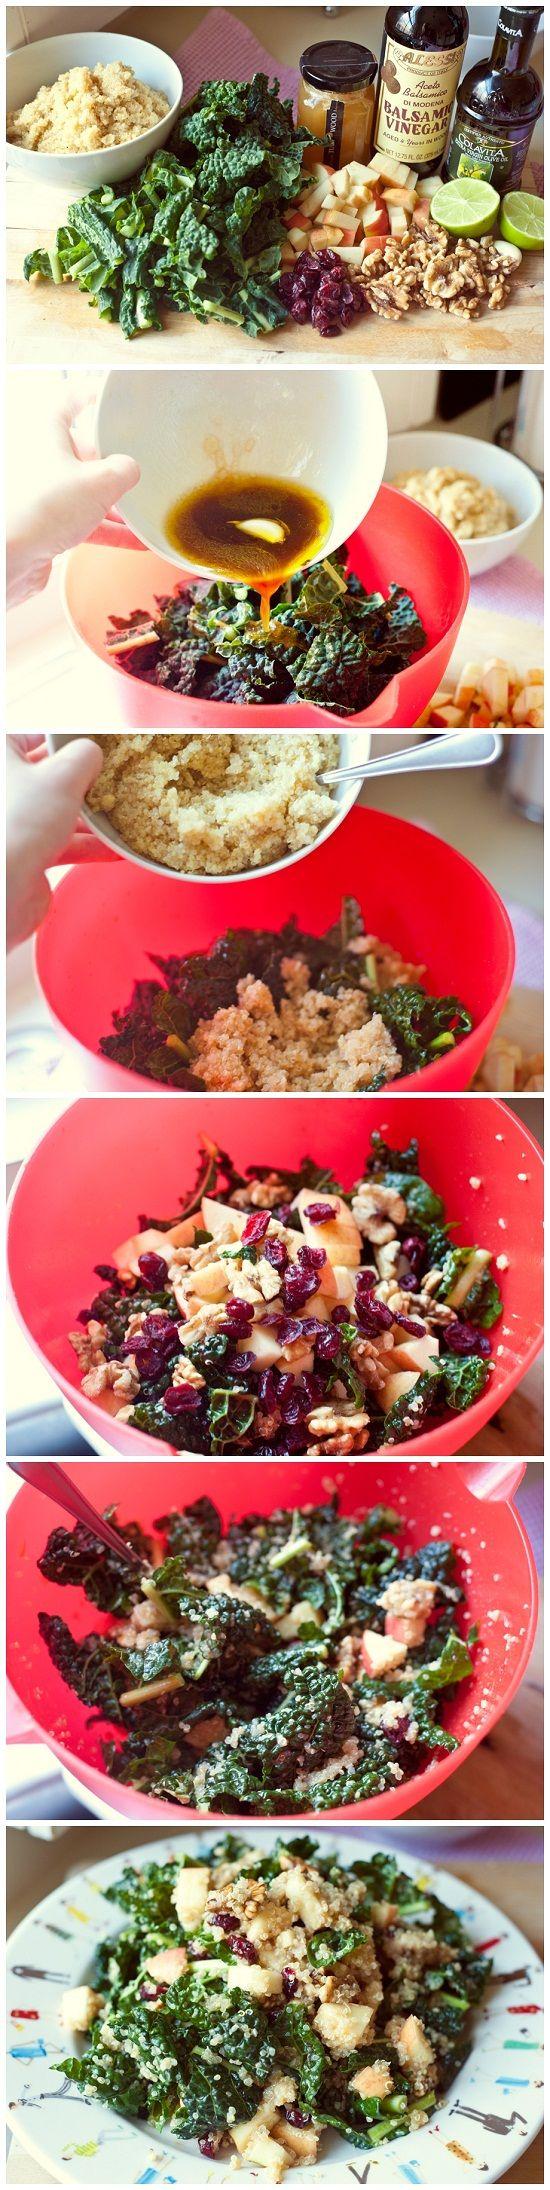 Kale salad w/ quinoa, walnuts, cranberries, & apple